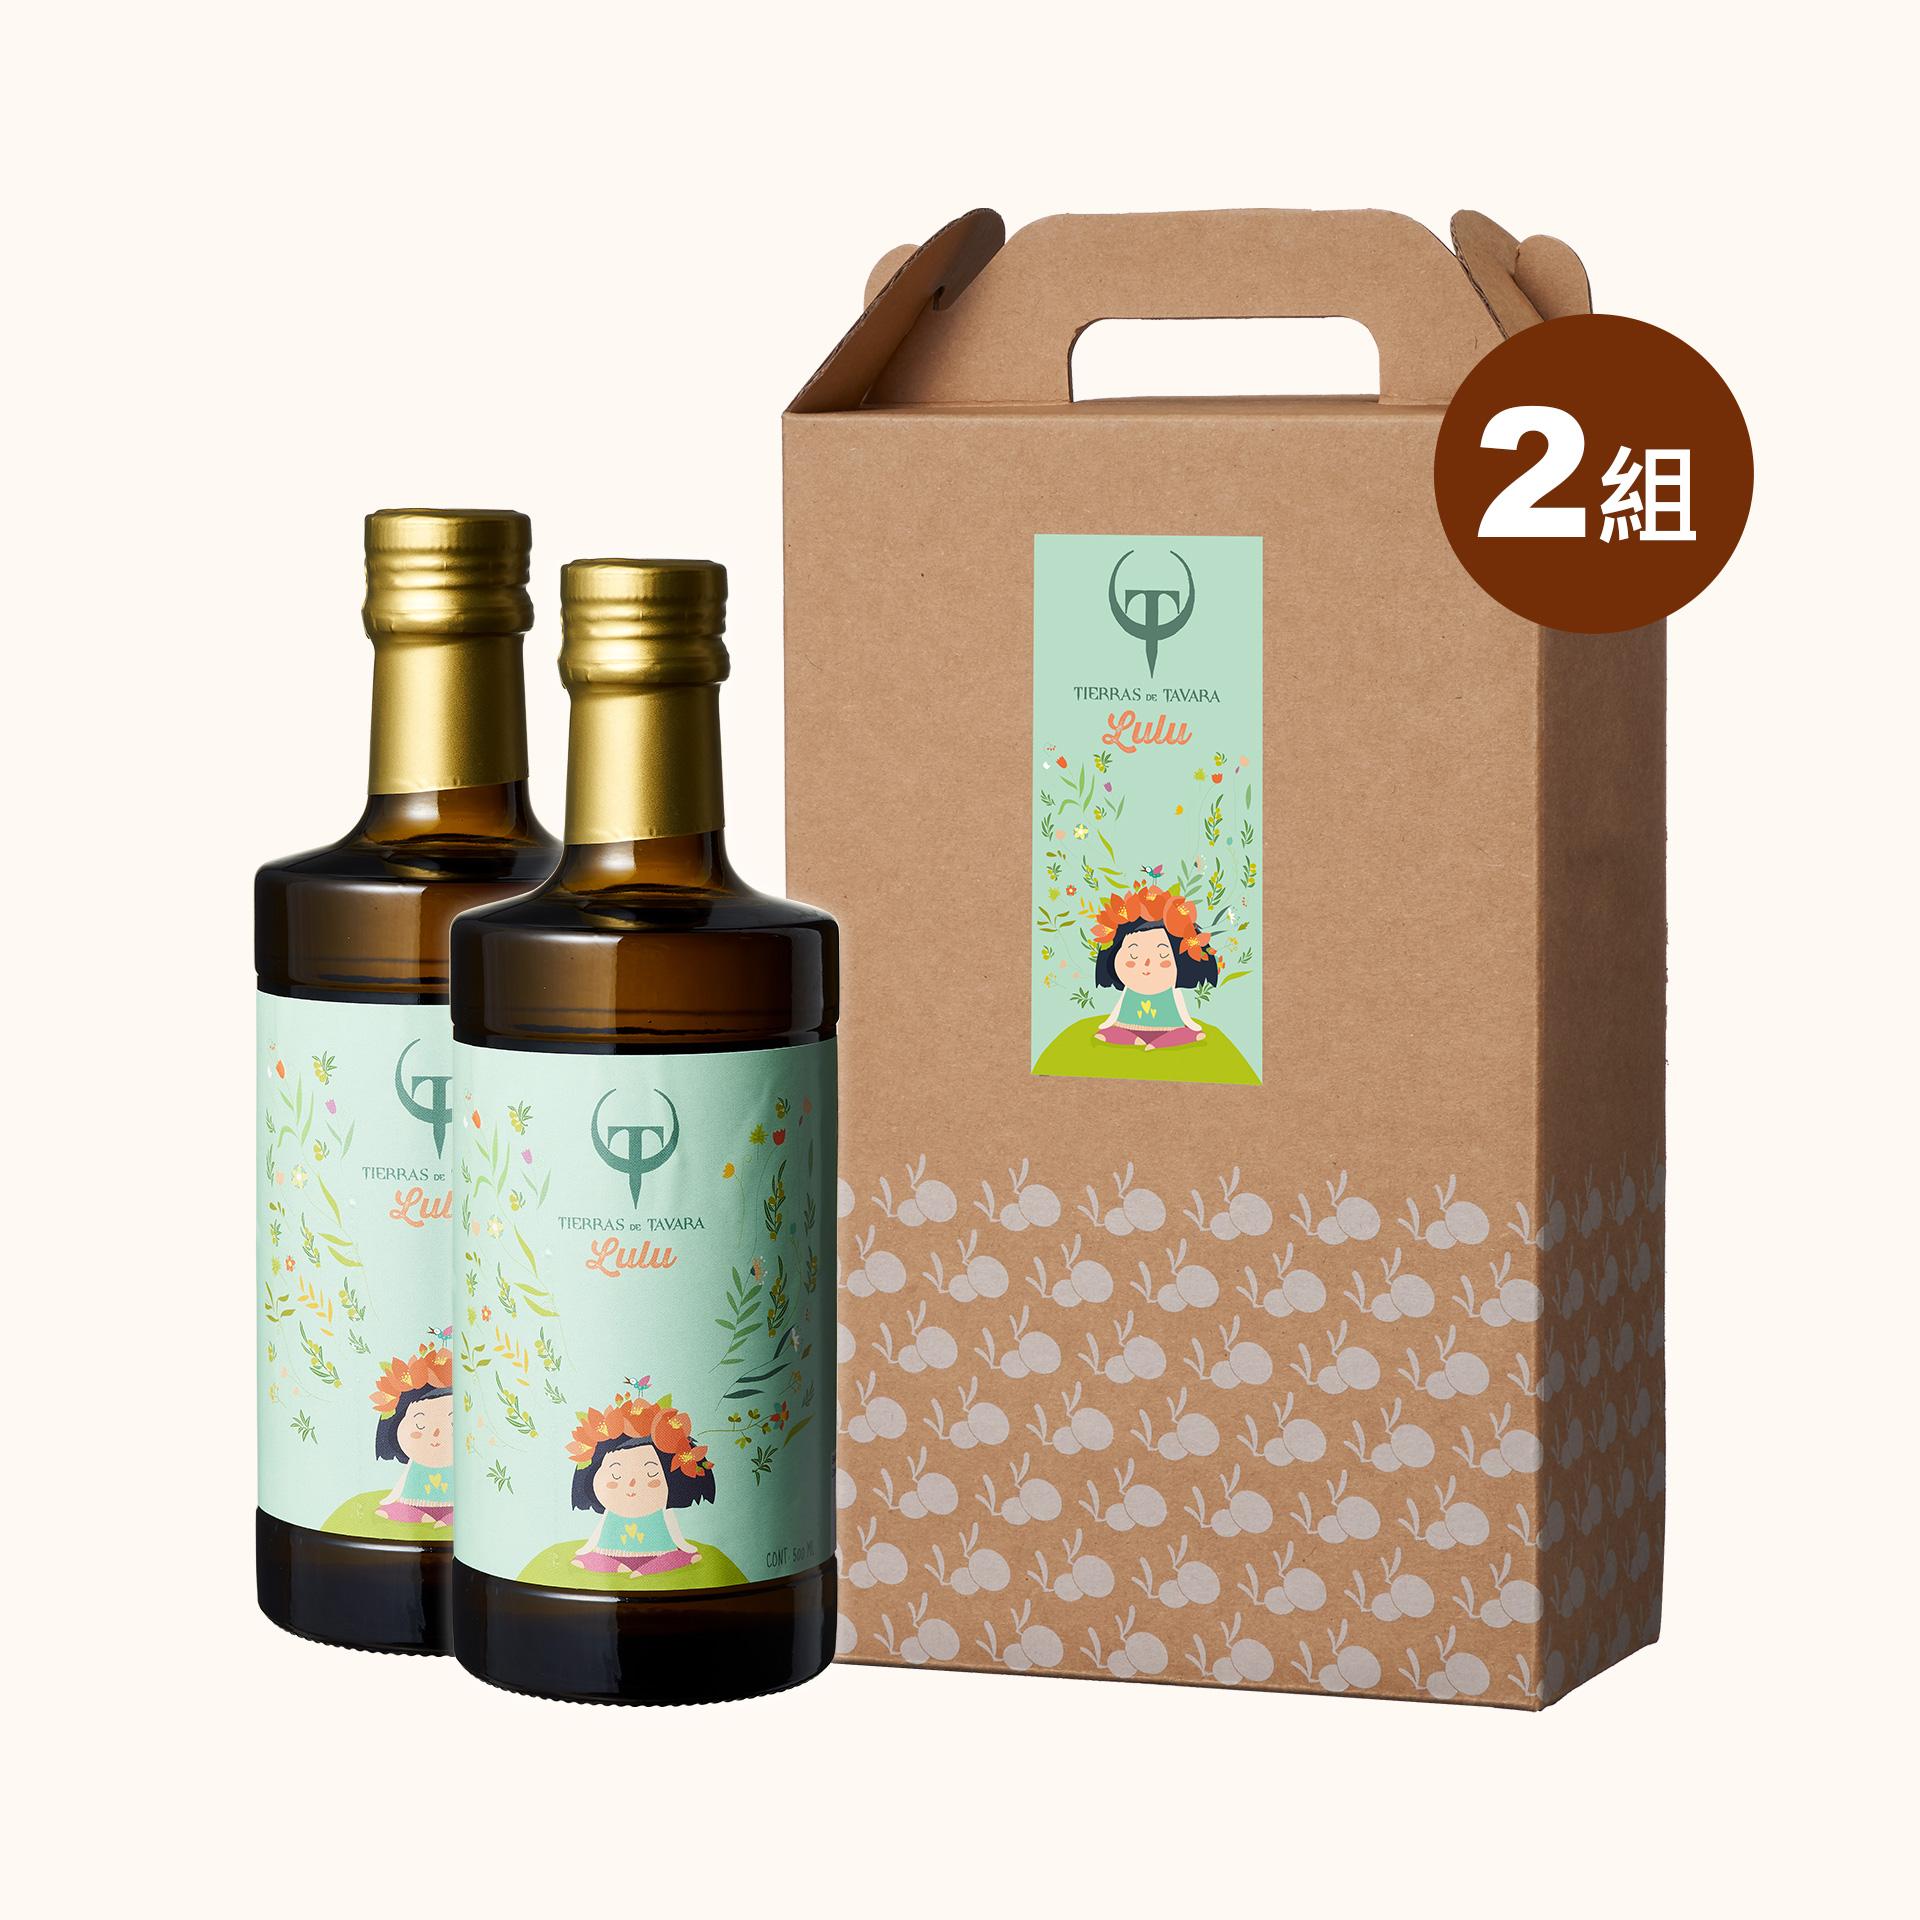 【中秋推薦73折】Lulu's頂級初榨橄欖油4入 (禮盒2組,共4入)